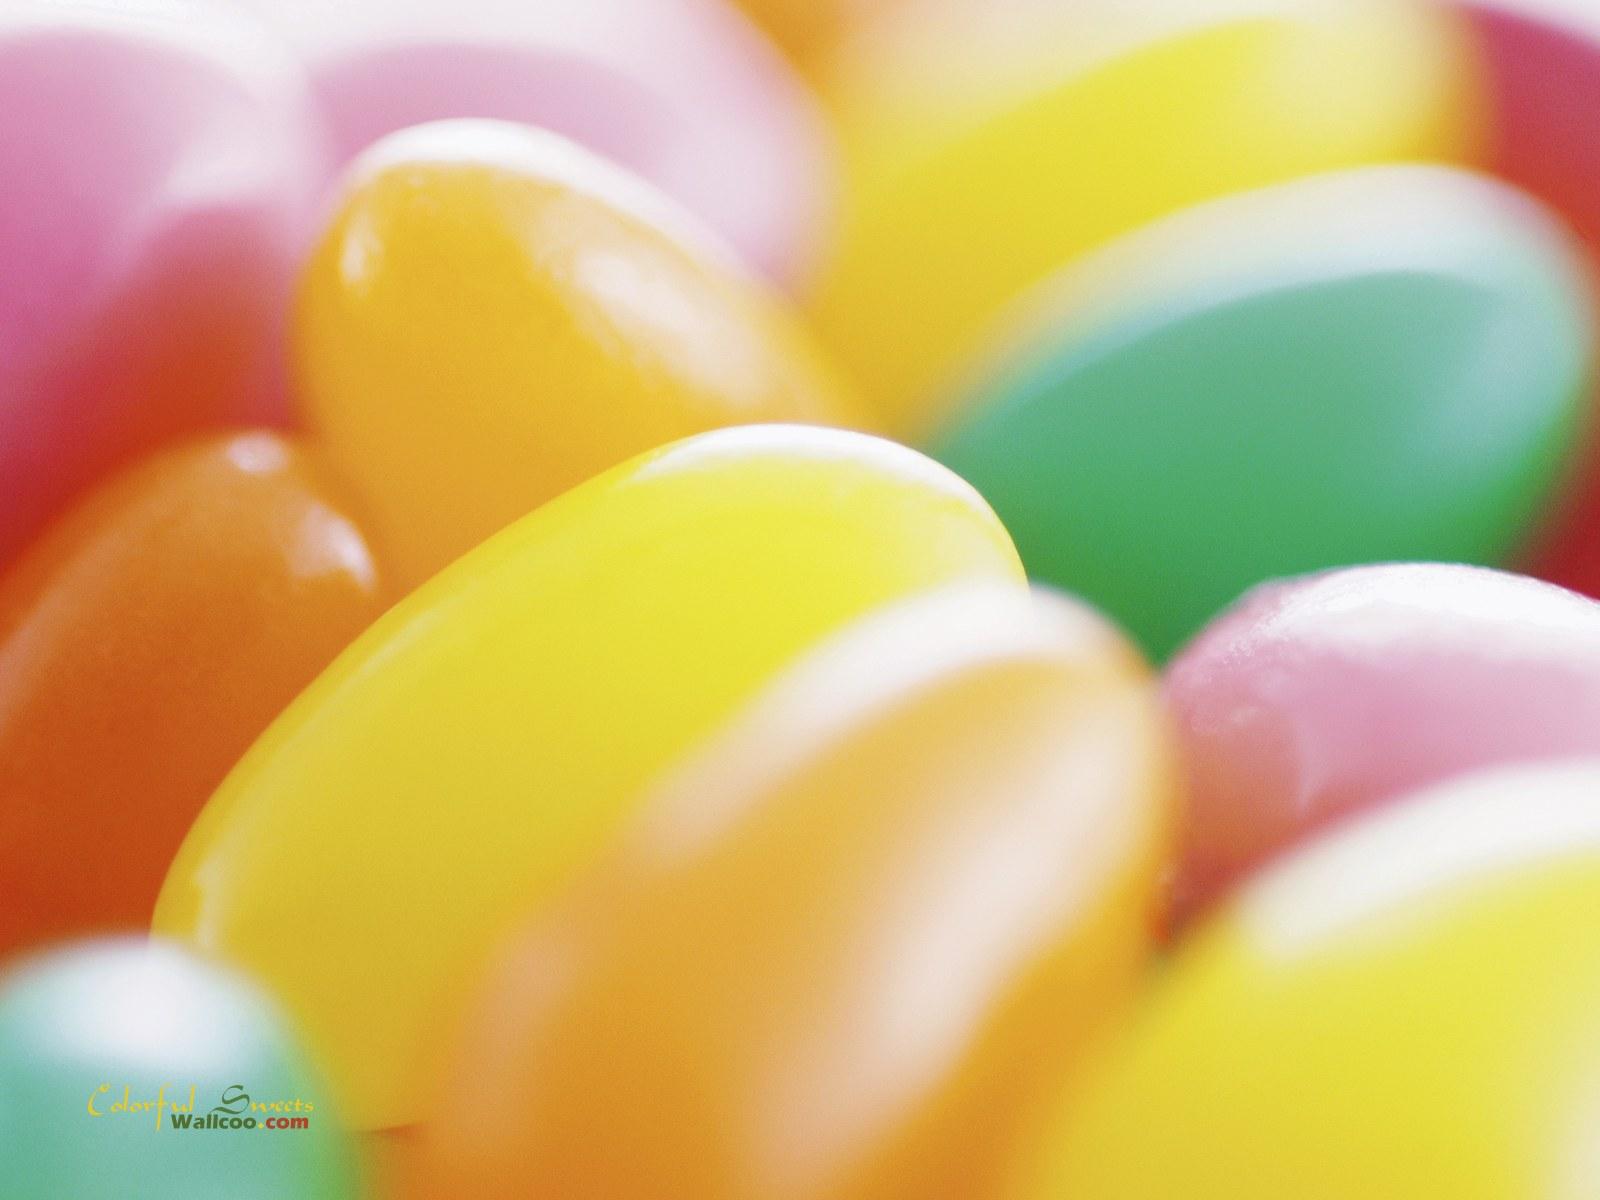 非常可爱的缤纷糖果高清背景图片素材4(25p)[中国